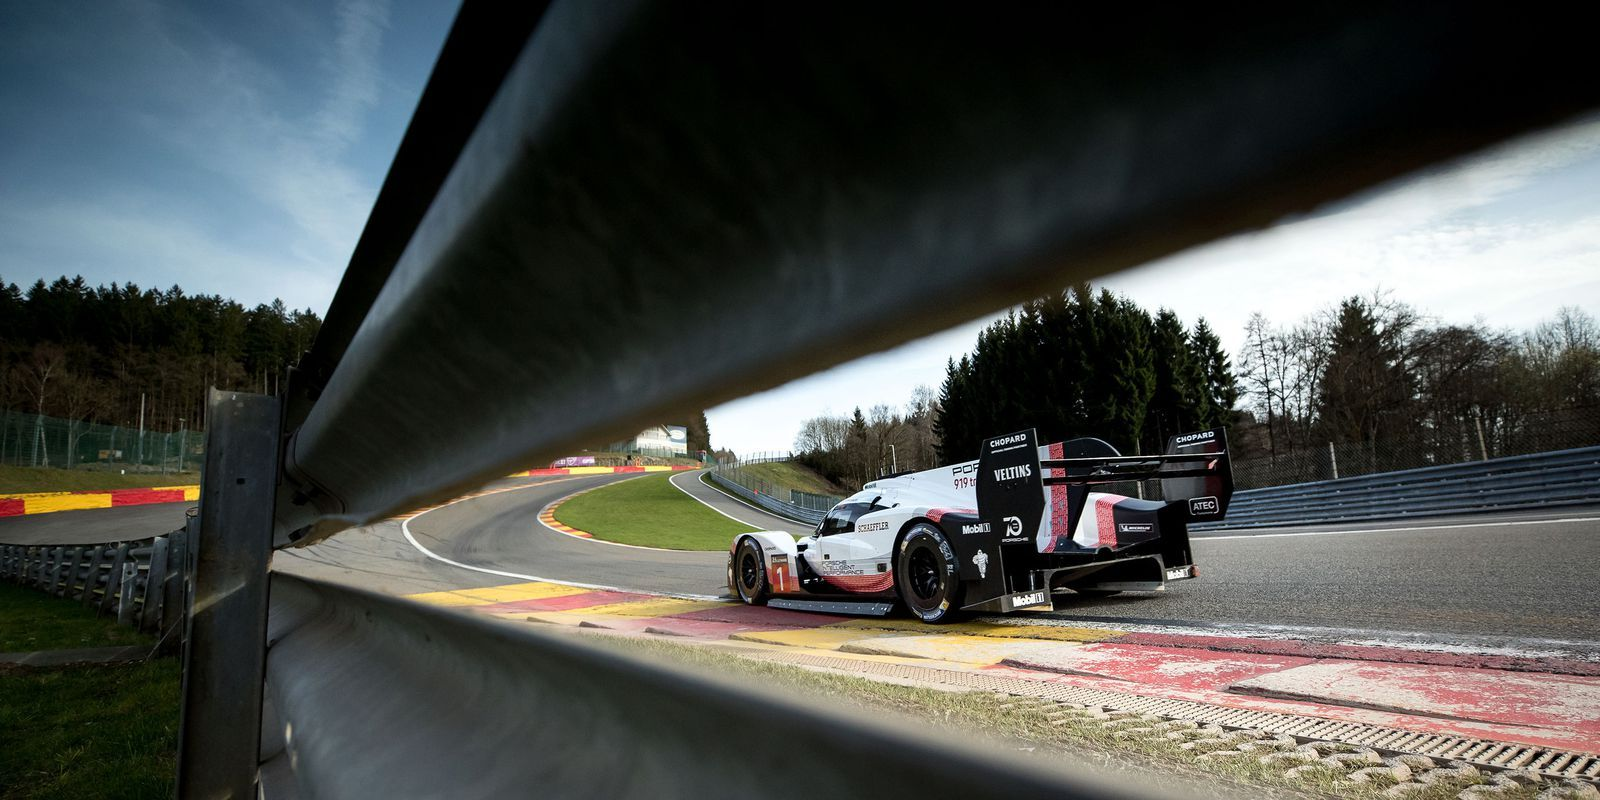 The Porsche 919 Evo S Lap Record At Spa Has Already Been Broken